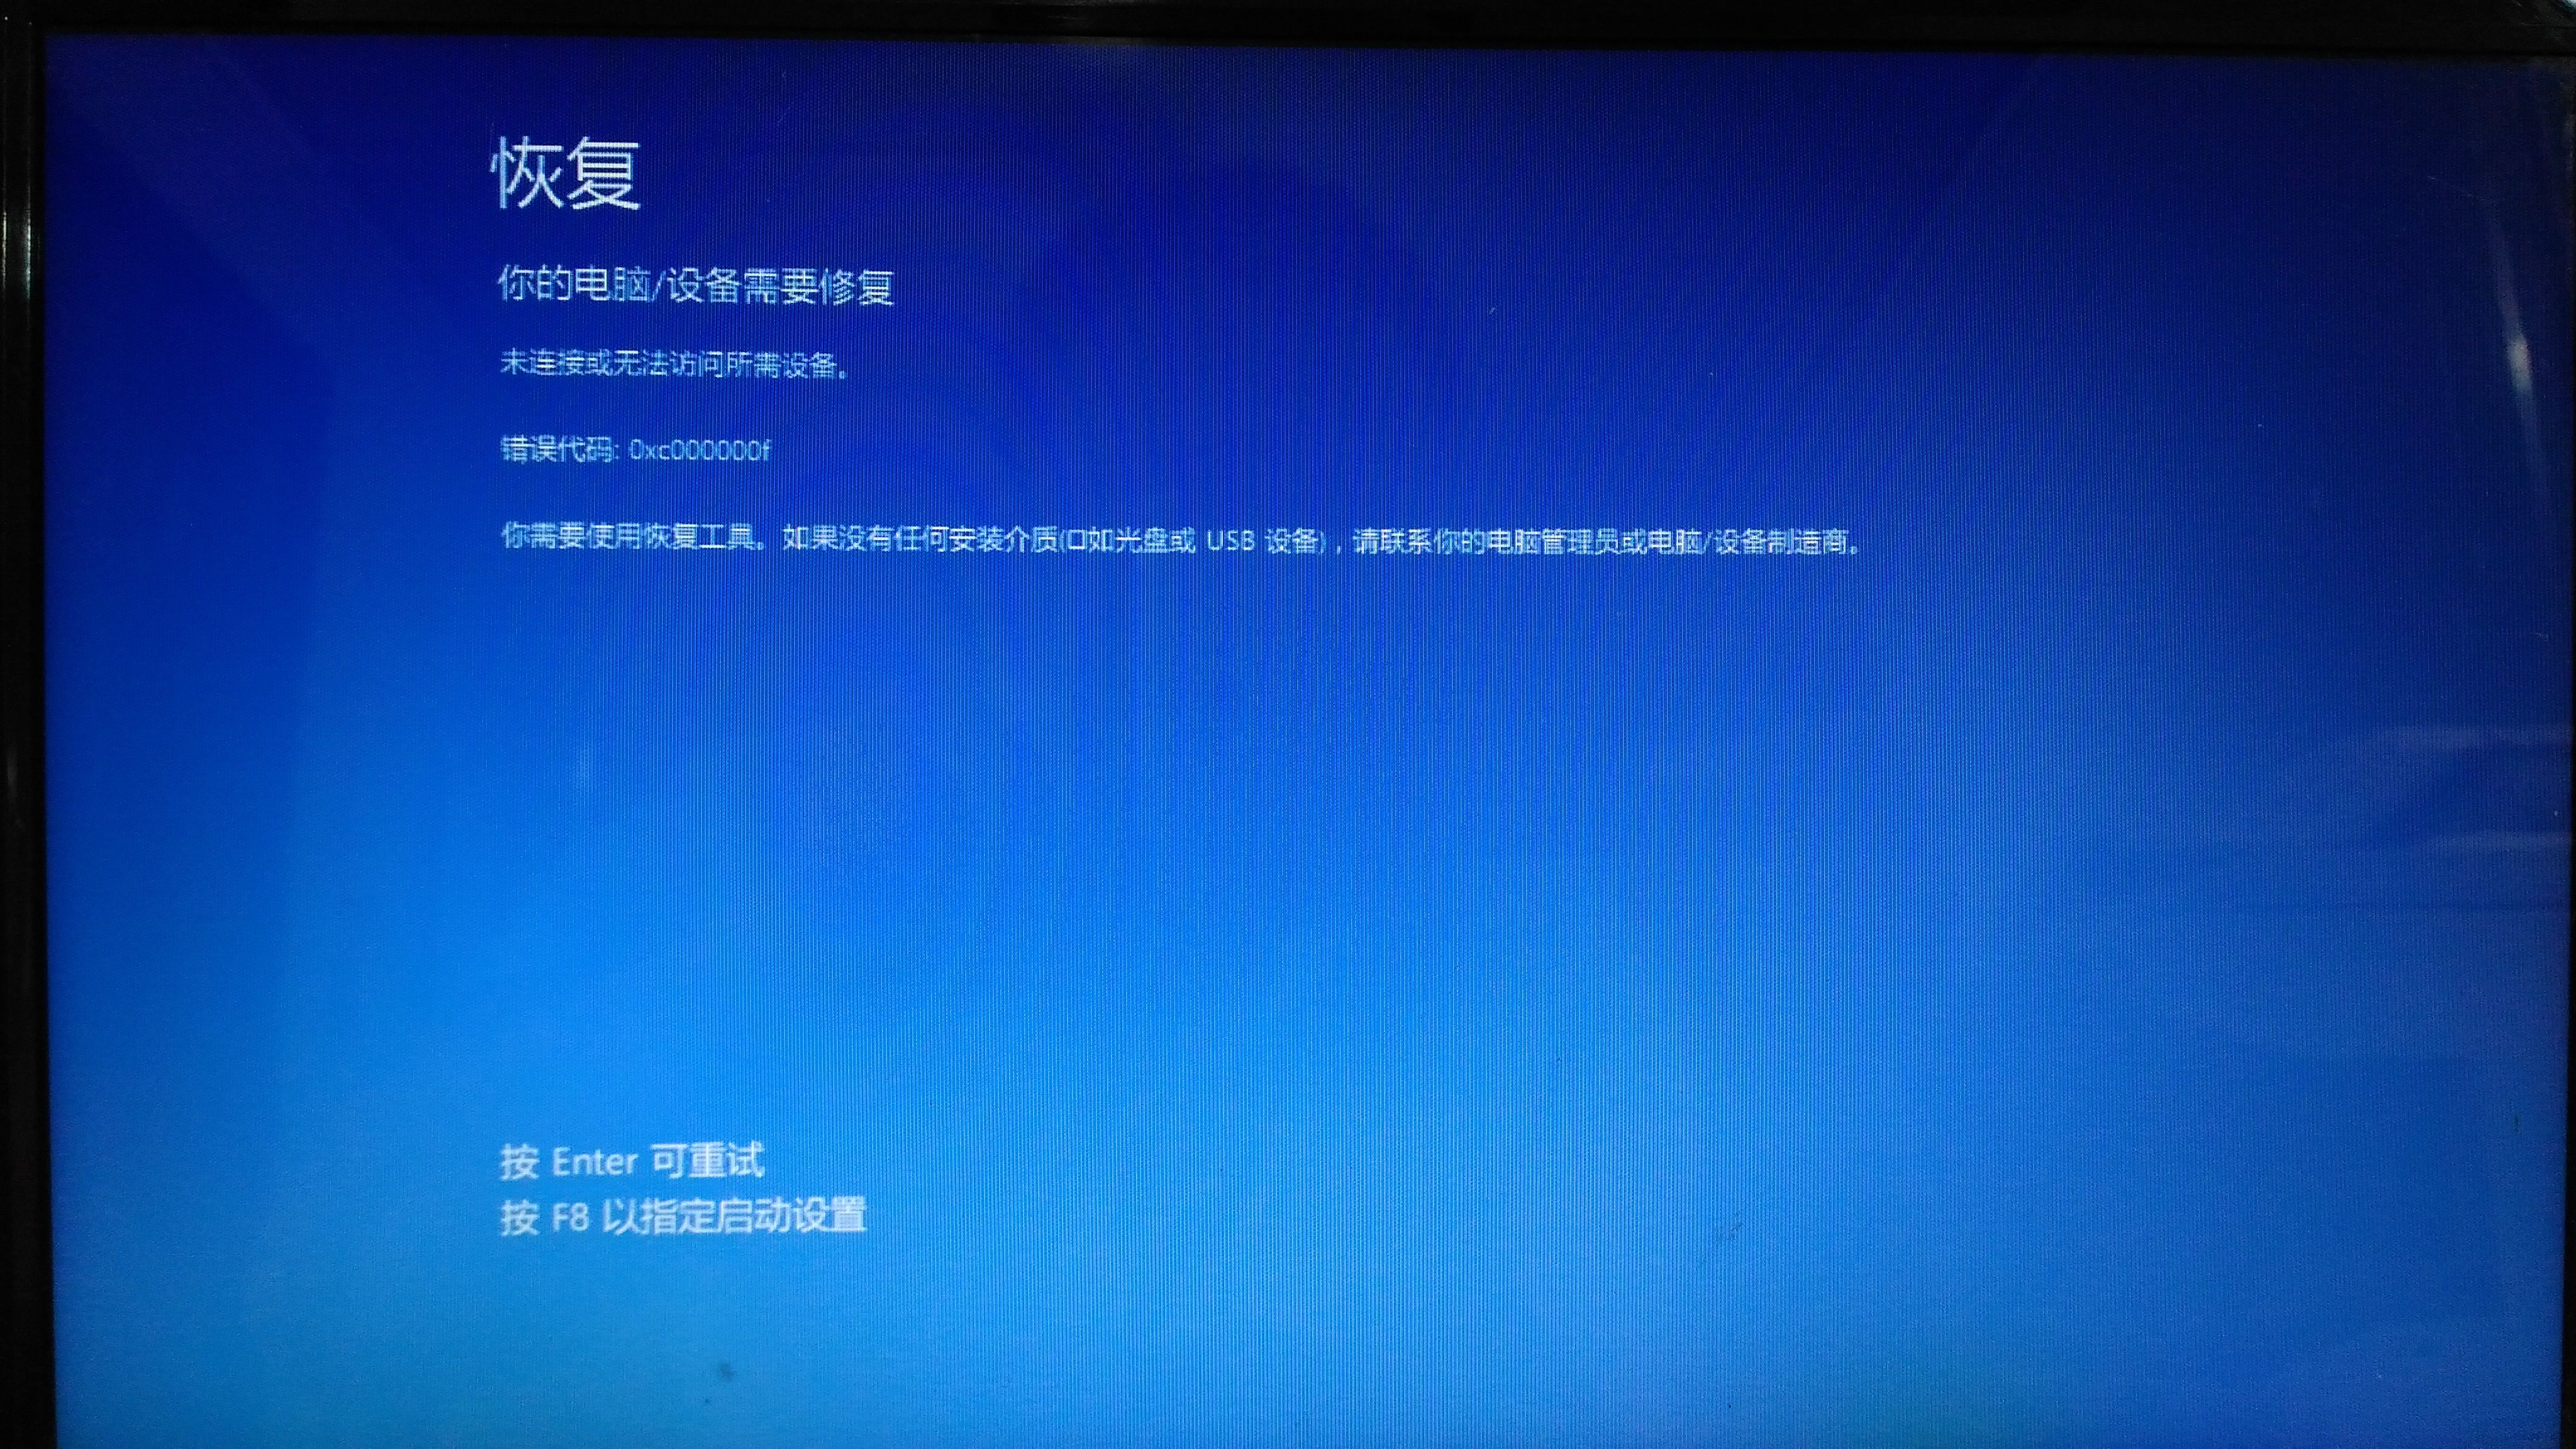 笔记本电脑东芝l600-265,重装系统之前从win10恢复到win7失效,再之前